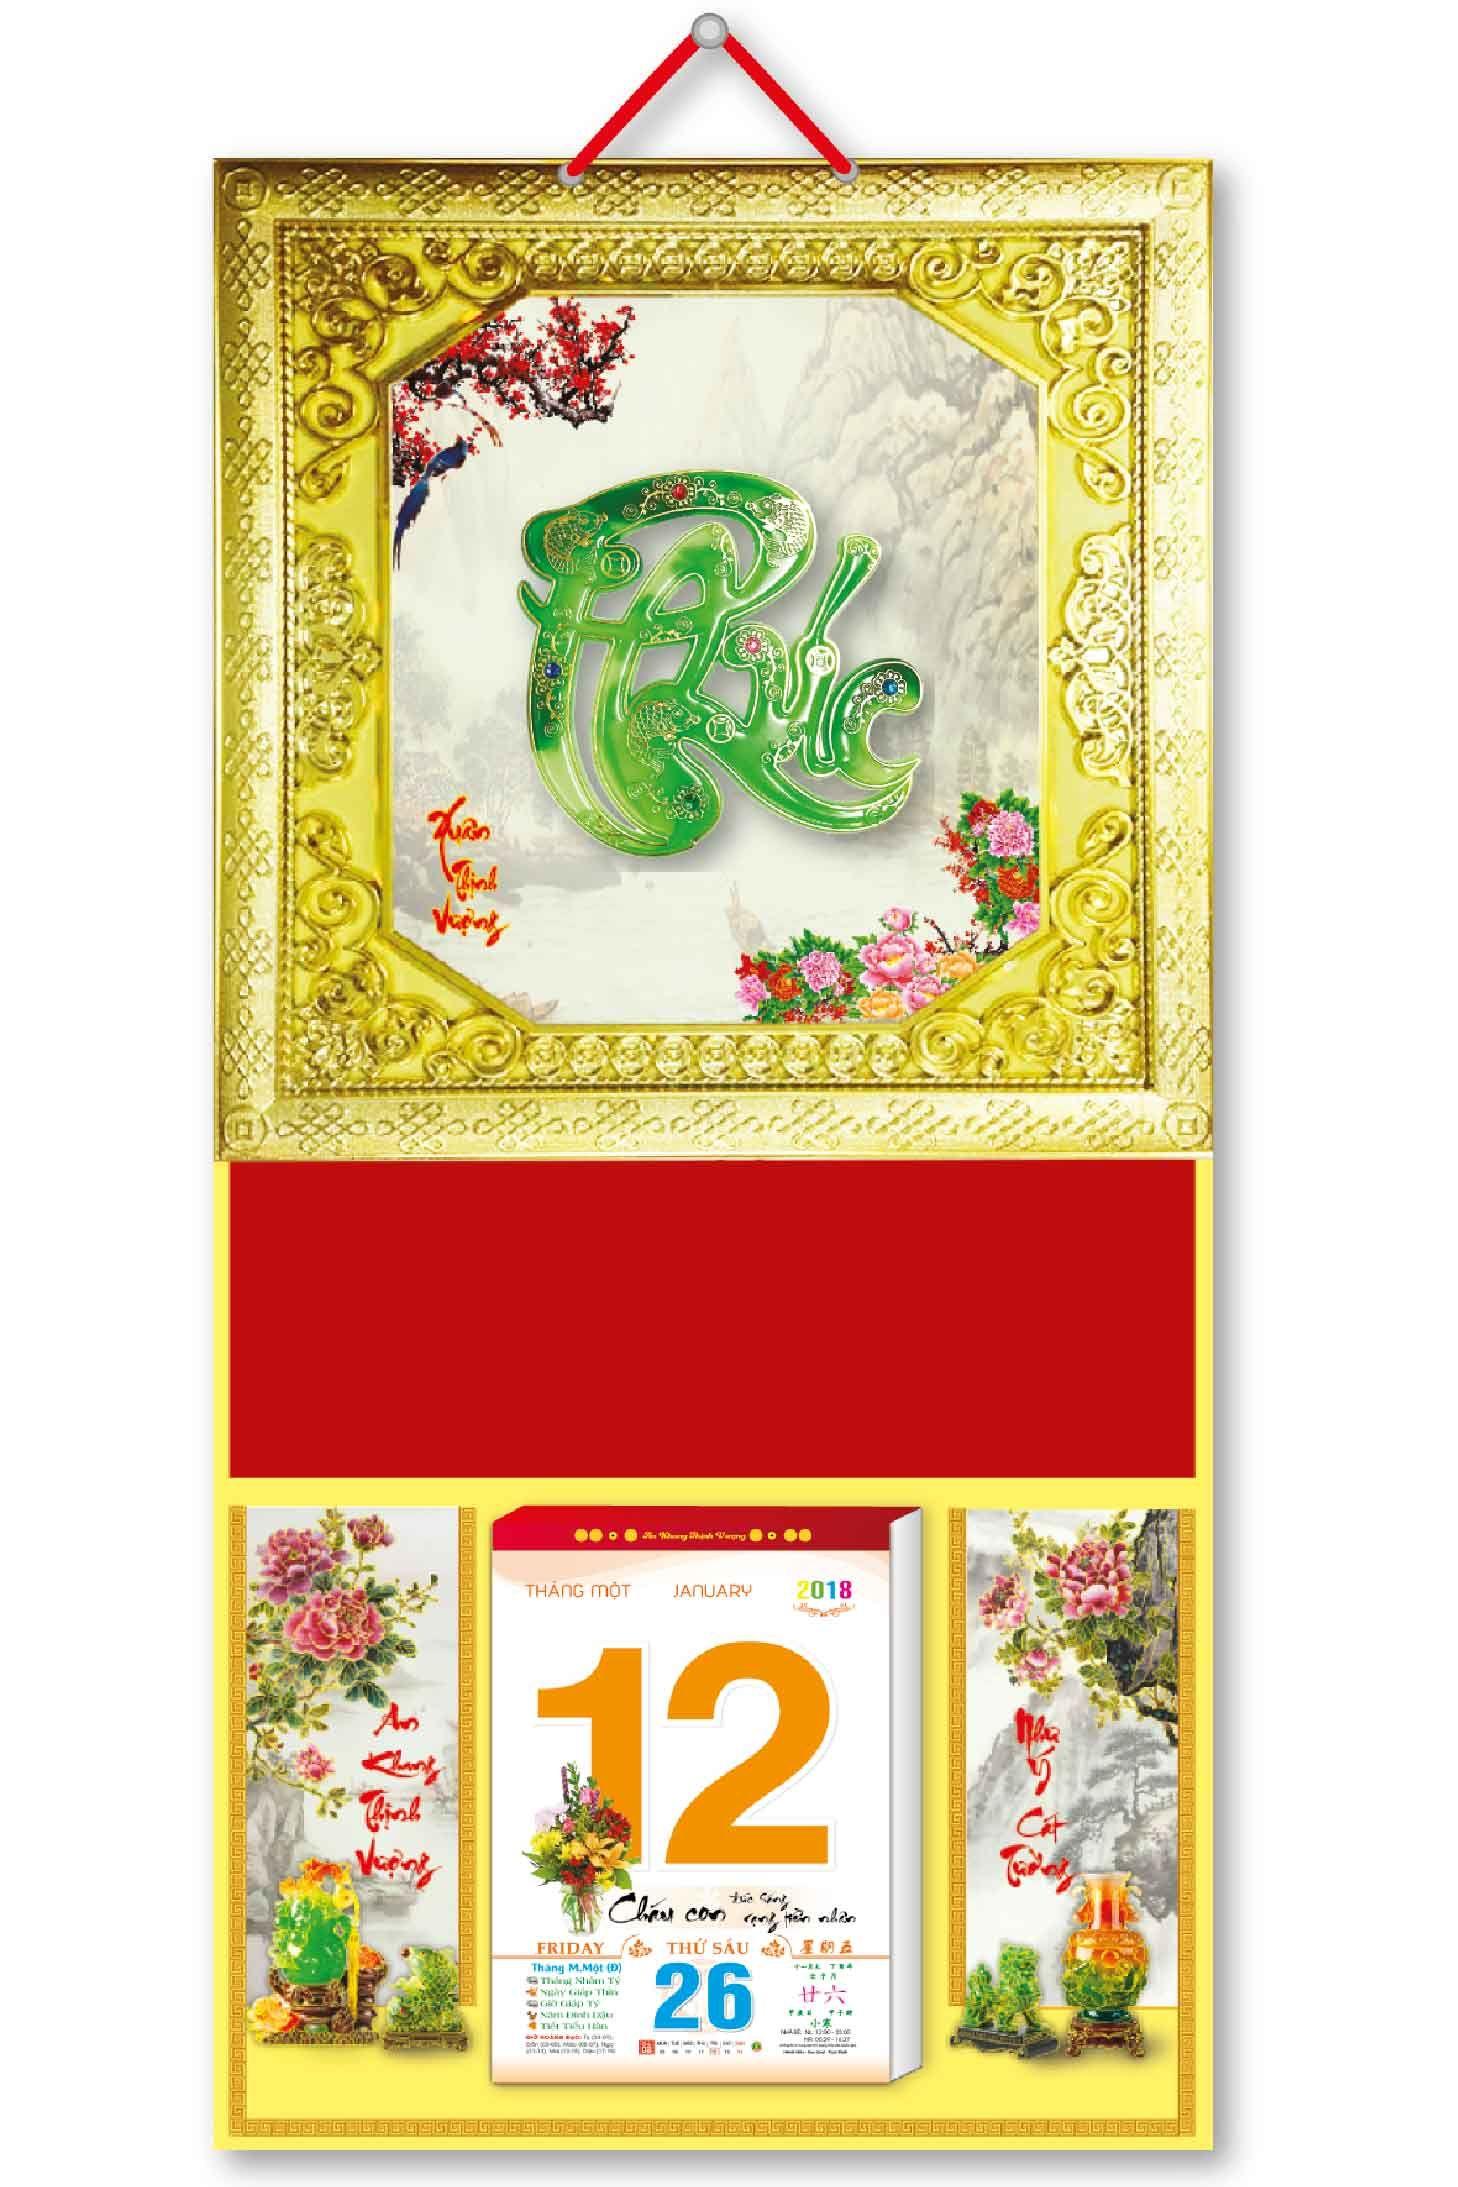 KV62 - Bìa Treo Lịch 2018 Metalize Ép Kim Cao Cấp 7 Màu (35 x 70cm) - Khung vàng, Dán Nổi Chữ Phúc Cẩm Thạch - EBOOK/PDF/PRC/EPUB